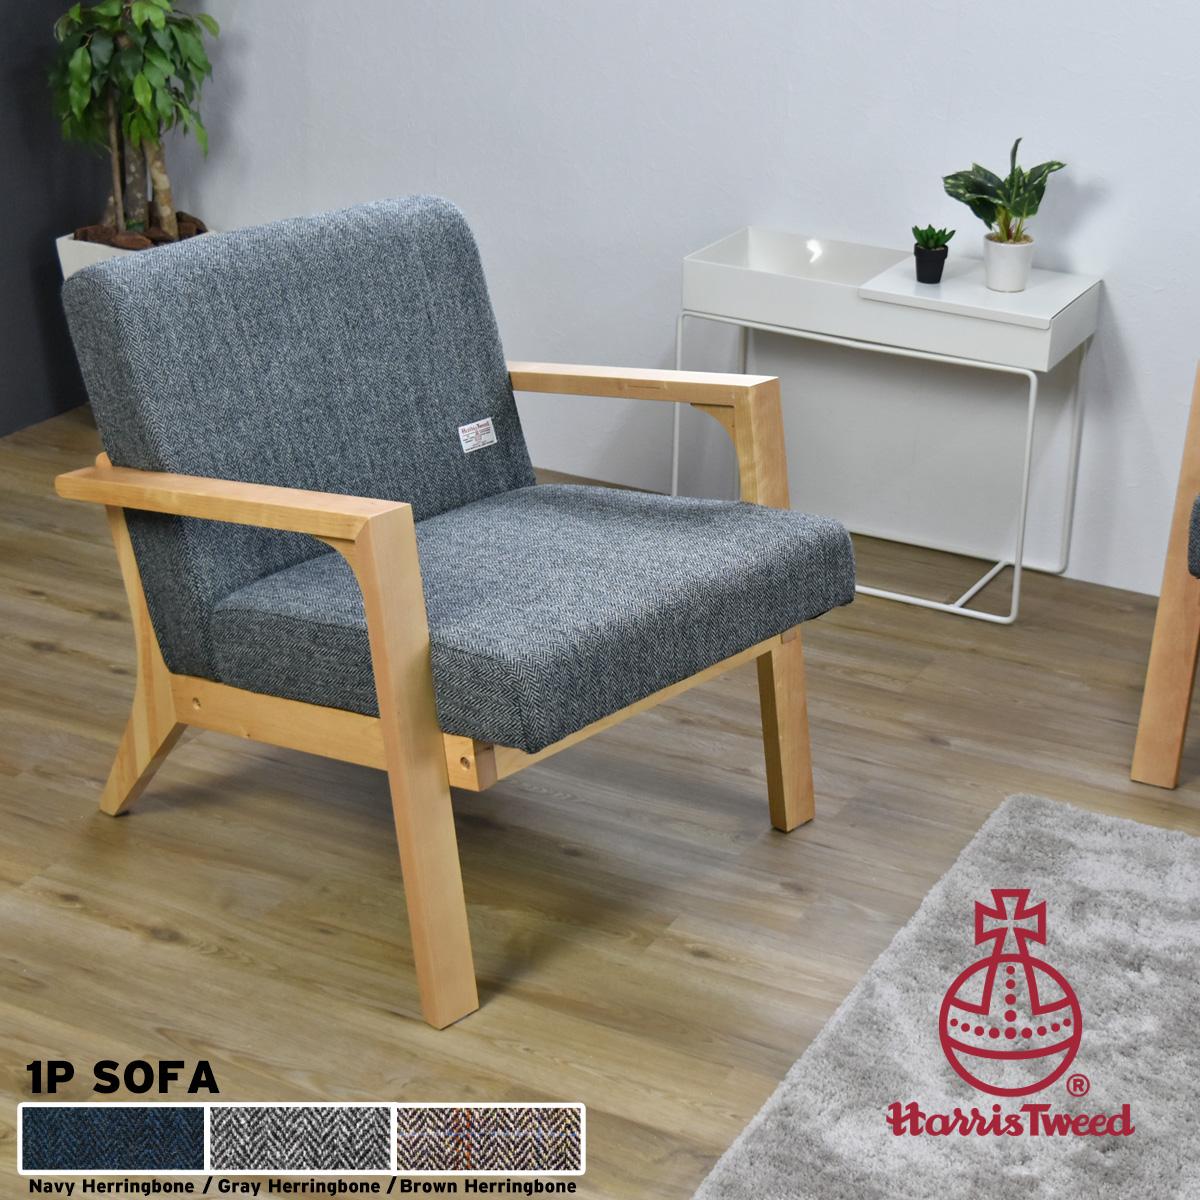 送料無料 1Pソファー 1人掛け リビング 一人掛け ローソファ 北欧 ハリスツイード おしゃれ かわいい イギリス 英国 北欧 ウール コンパクト フロアソファ いす 椅子 チェアー